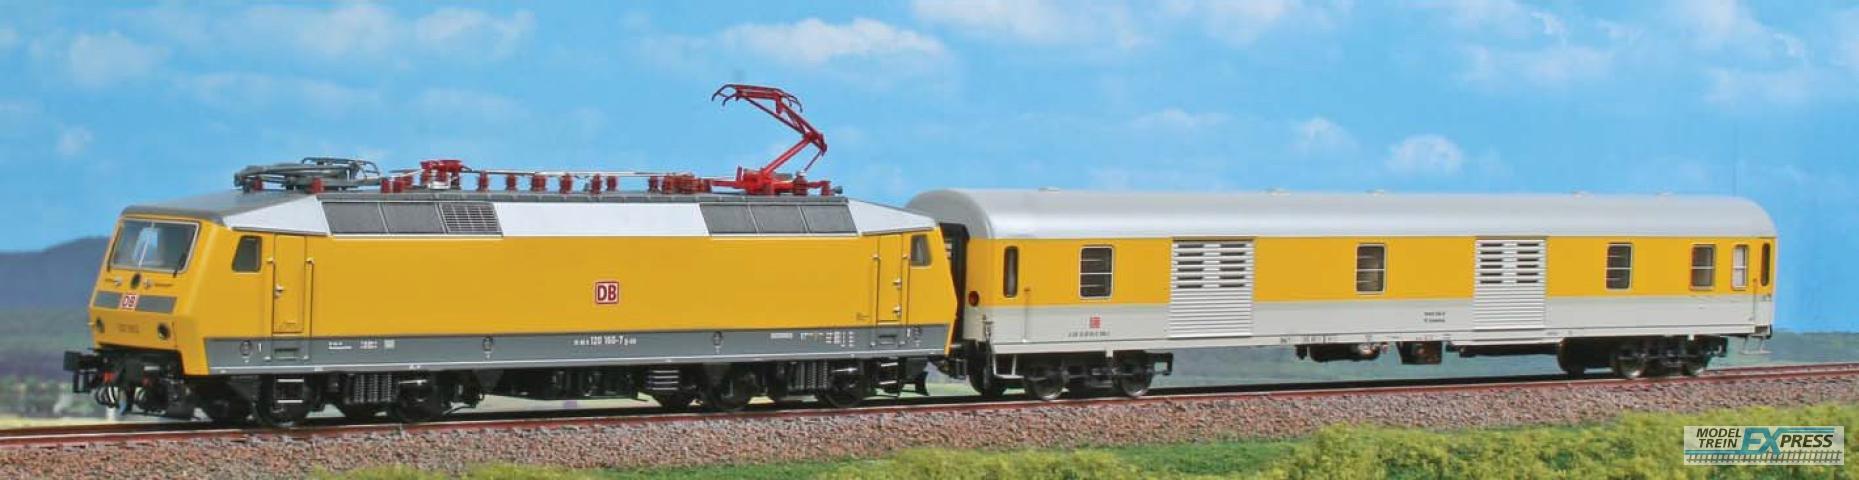 ACME 79075